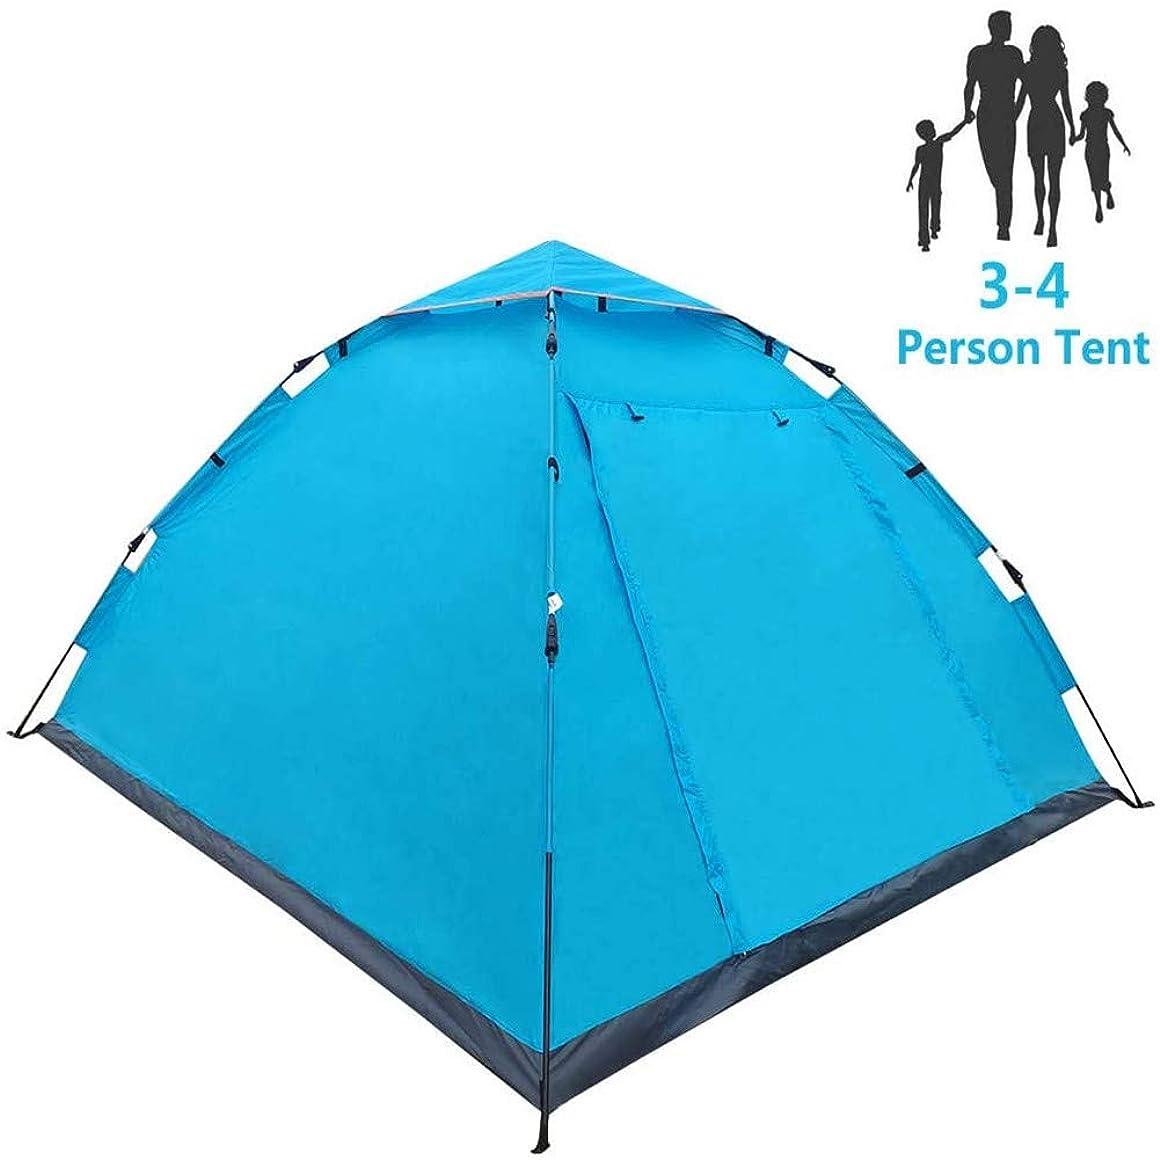 発火する魚取り組むポップアップテント防水、軽量の屋外ハイキングテント。2?4人用のキャリングバッグを含む、30秒間の簡単なキャンプテントのキャンプに適しています。